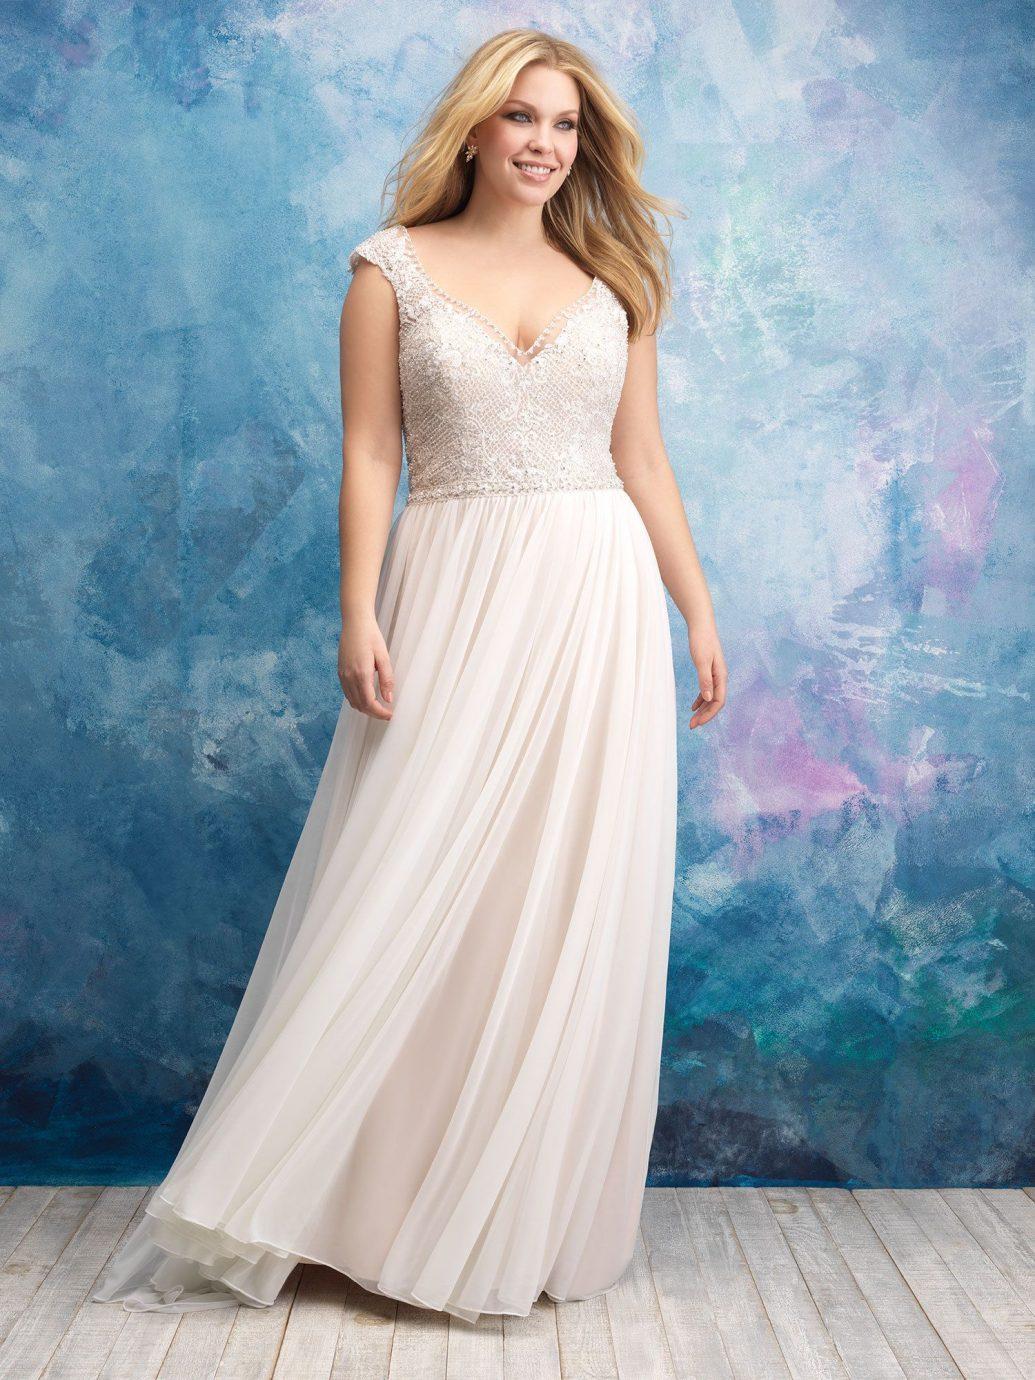 Allure Bridals W437 esküvői ruha, mely egy egyenes fazonú esküvői ruha.